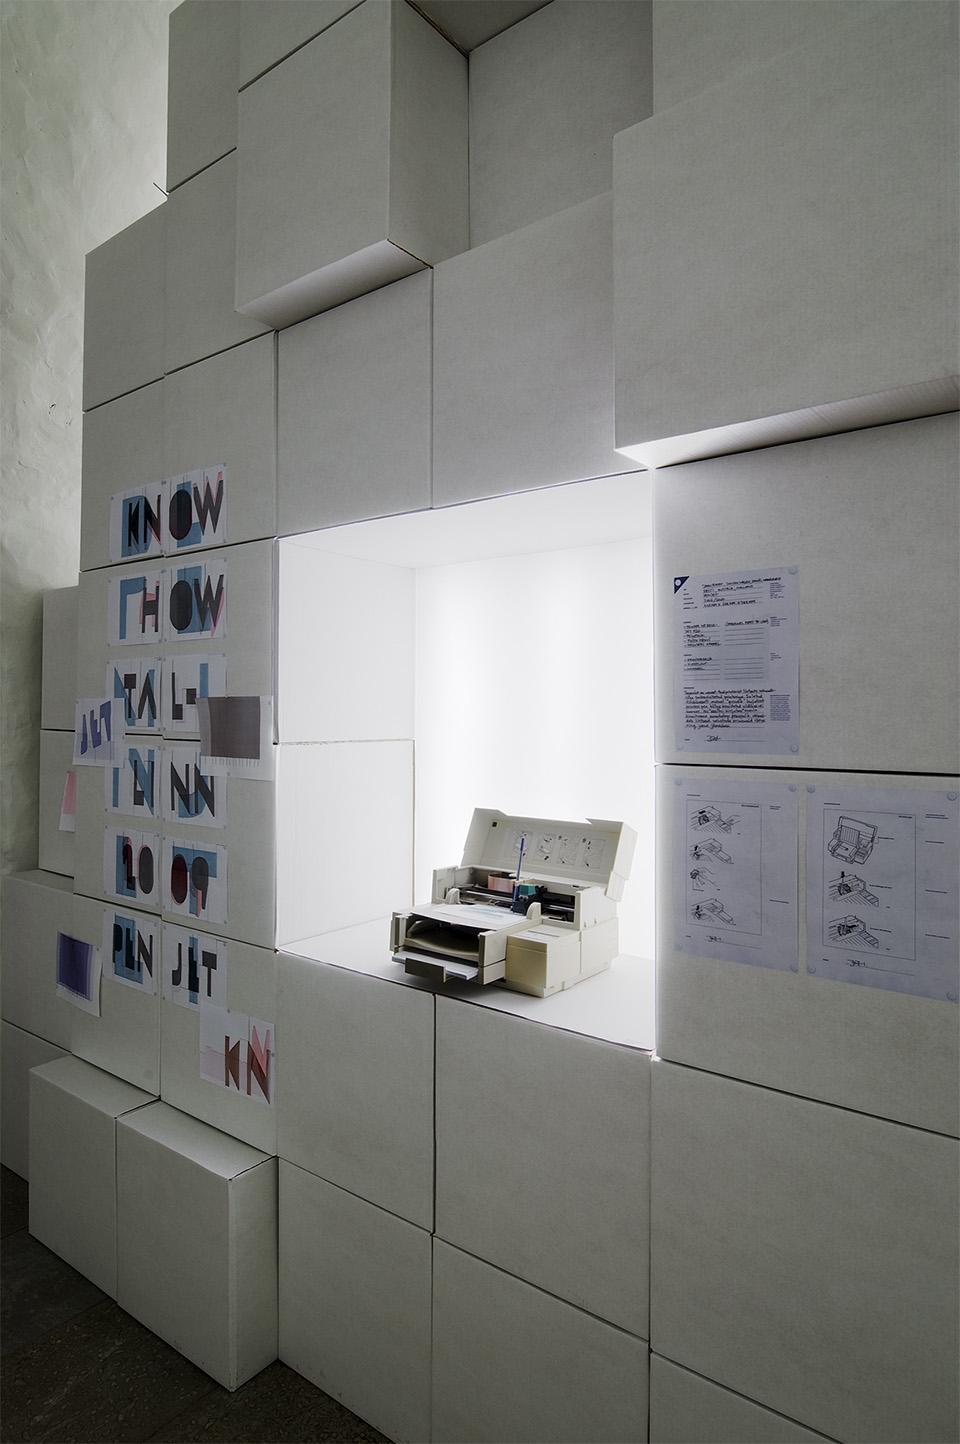 KNOW HOW peanäitus Eesti Tarbekunsti- ja Disainimuuseumis. Foto: Ivar Veermäe